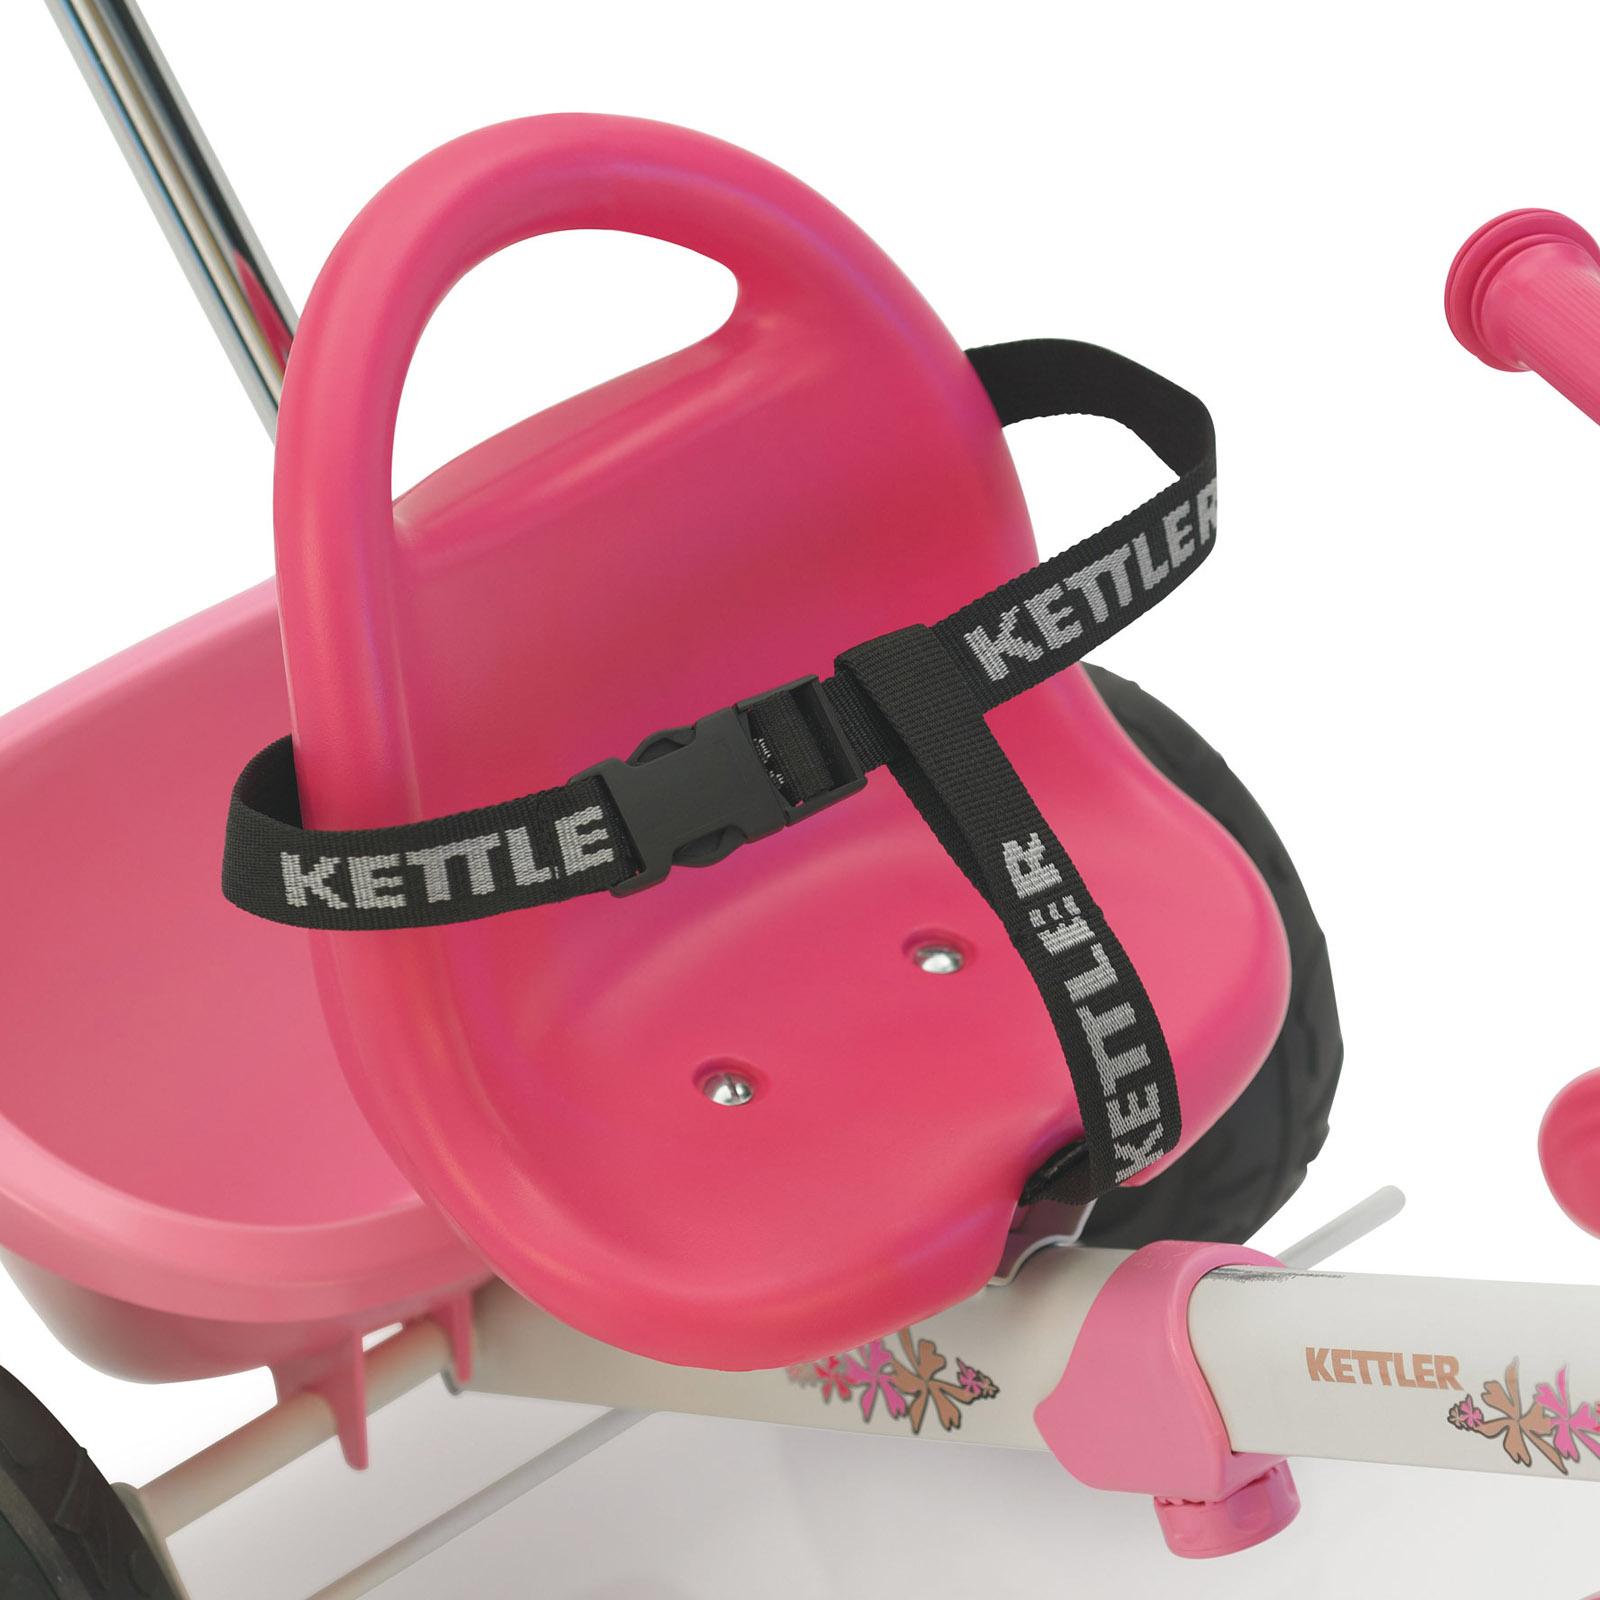 ������ Kettler ��� ����������